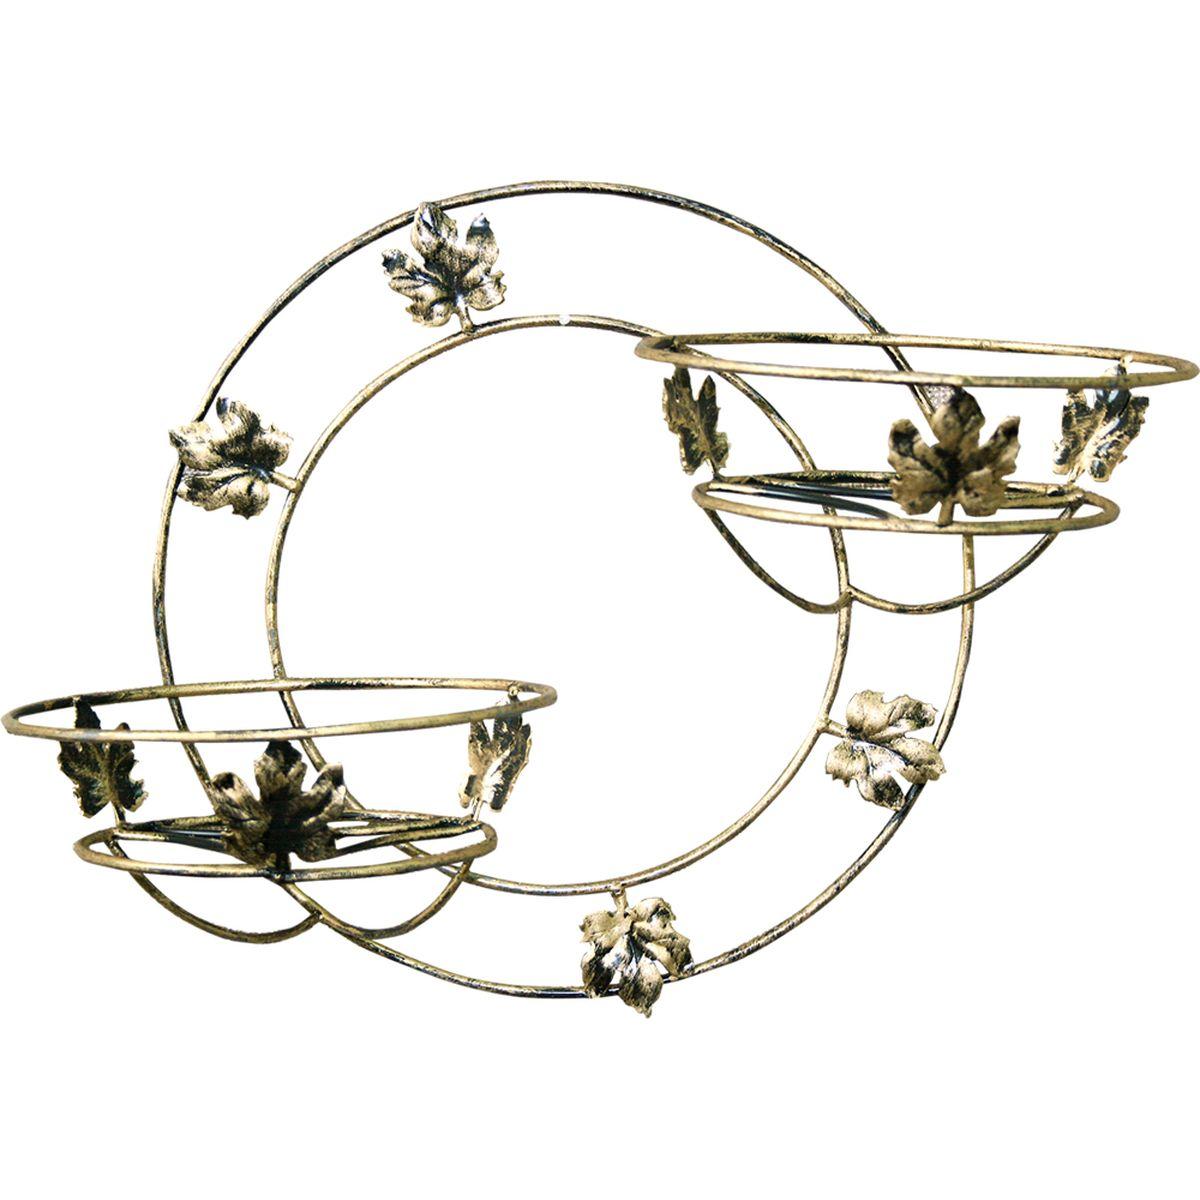 Подставка для цветов Фабрика ковки, настенная, на 2 цветка, цвет: черный, золотистый. 15-11215-112Кованная подставка станет прекрасным украшением любого интерьера. Подставка выполнена из металлических прутьев, цветом черное с золотым. Подставка декорирована кольцами и кленовыми листиками, предназначена для двух цветков. Корзинки при этом размещаются на разных уровнях, что позволяет создавать удивительные цветочные композиции